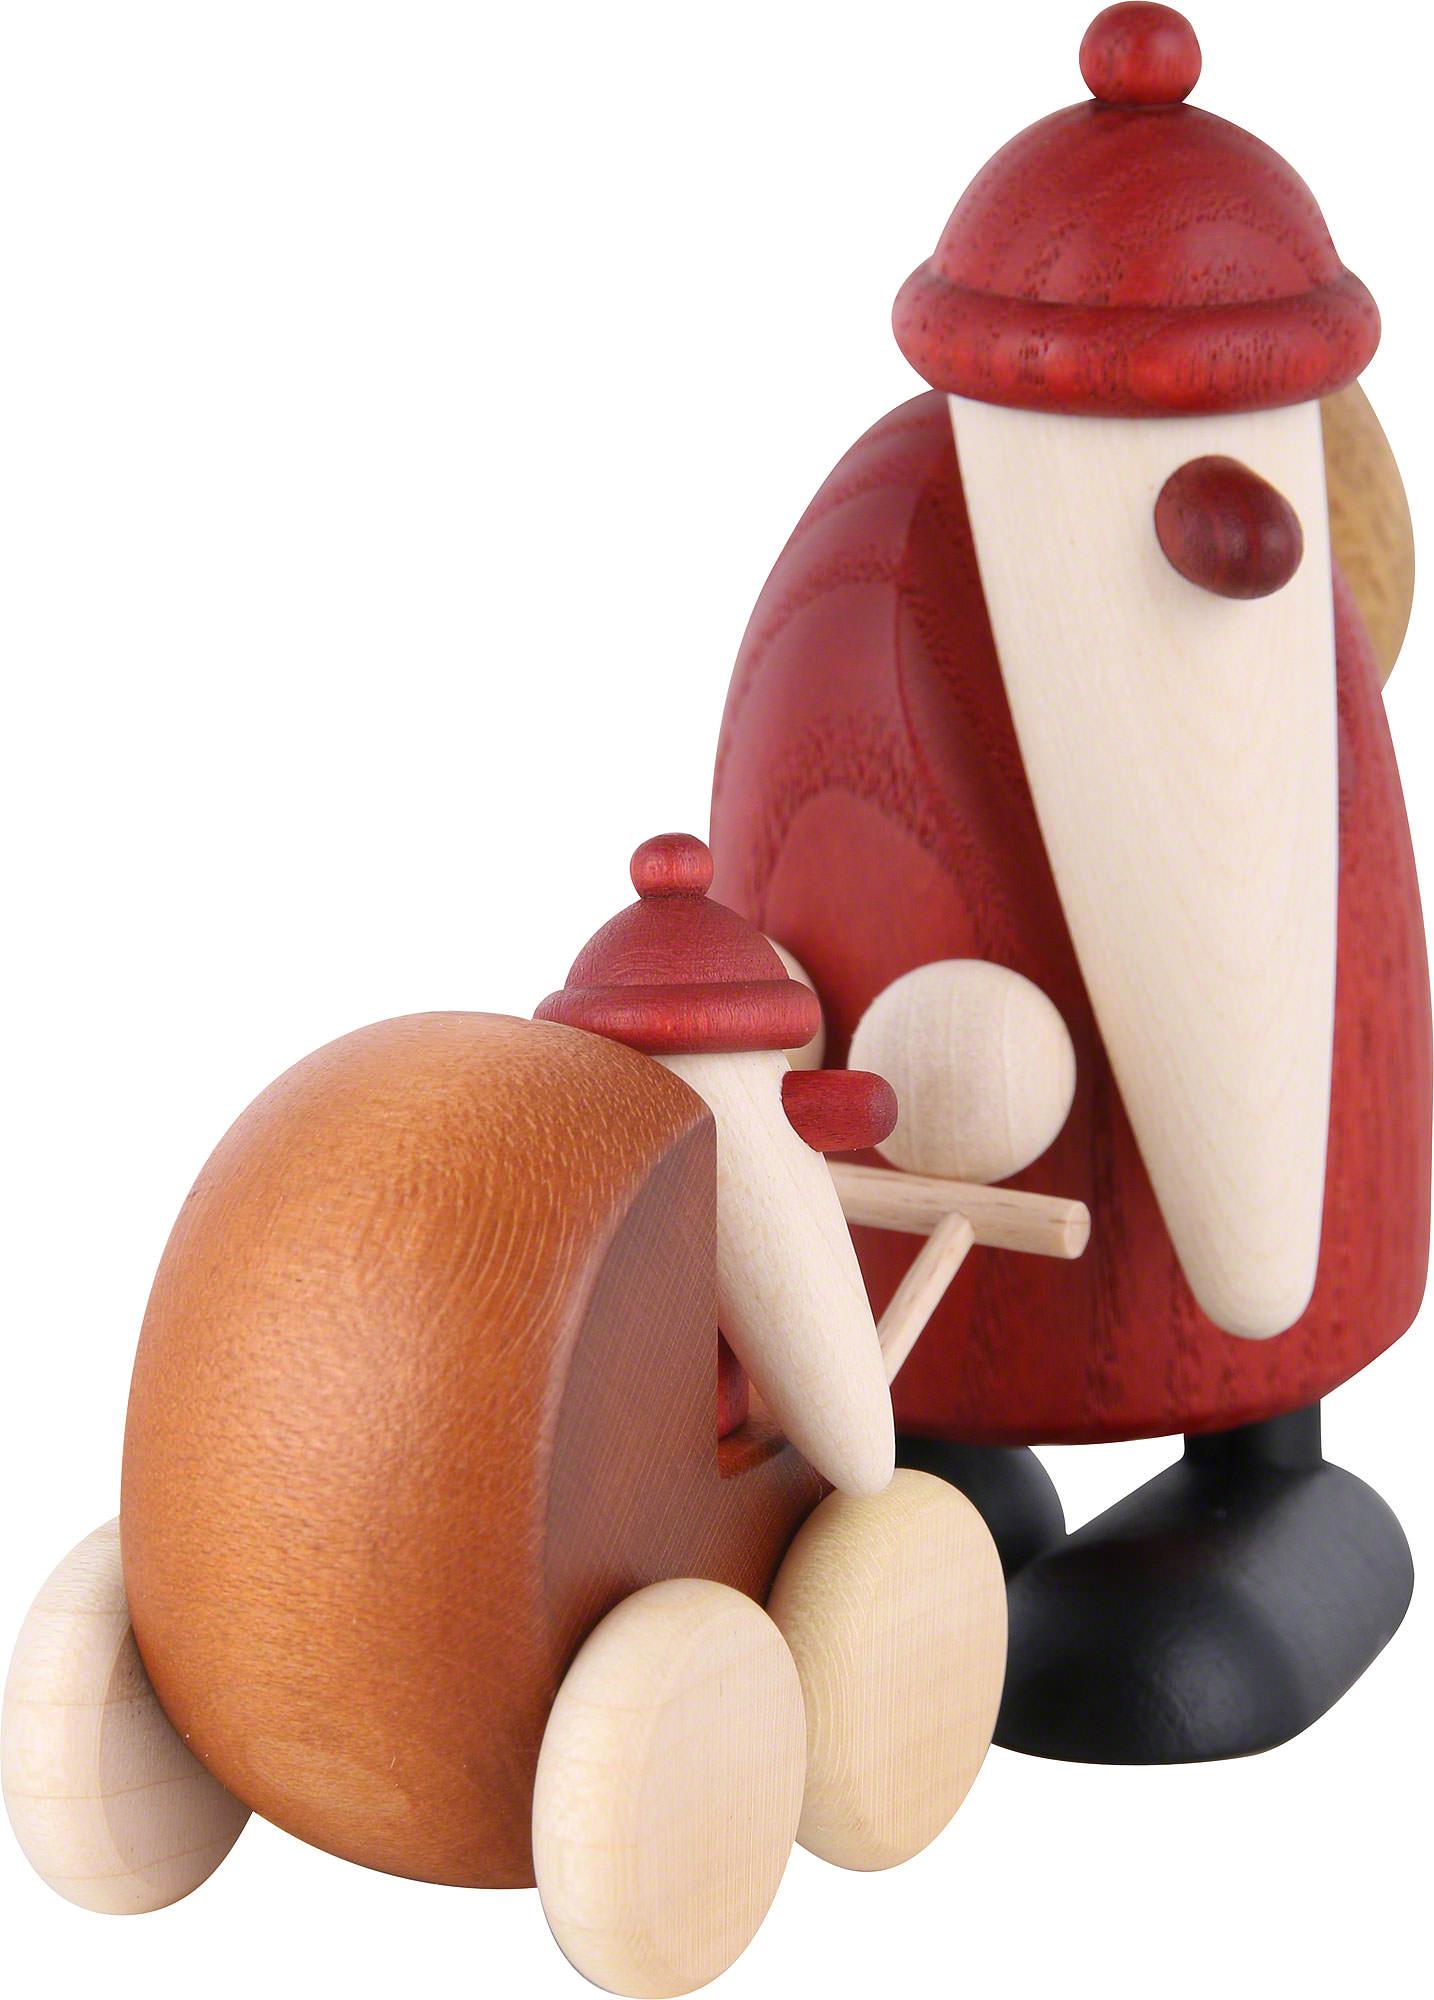 Weihnachtsmann mit Kinderwagen (9 cm) von Björn Köhler Kunsthandwerk